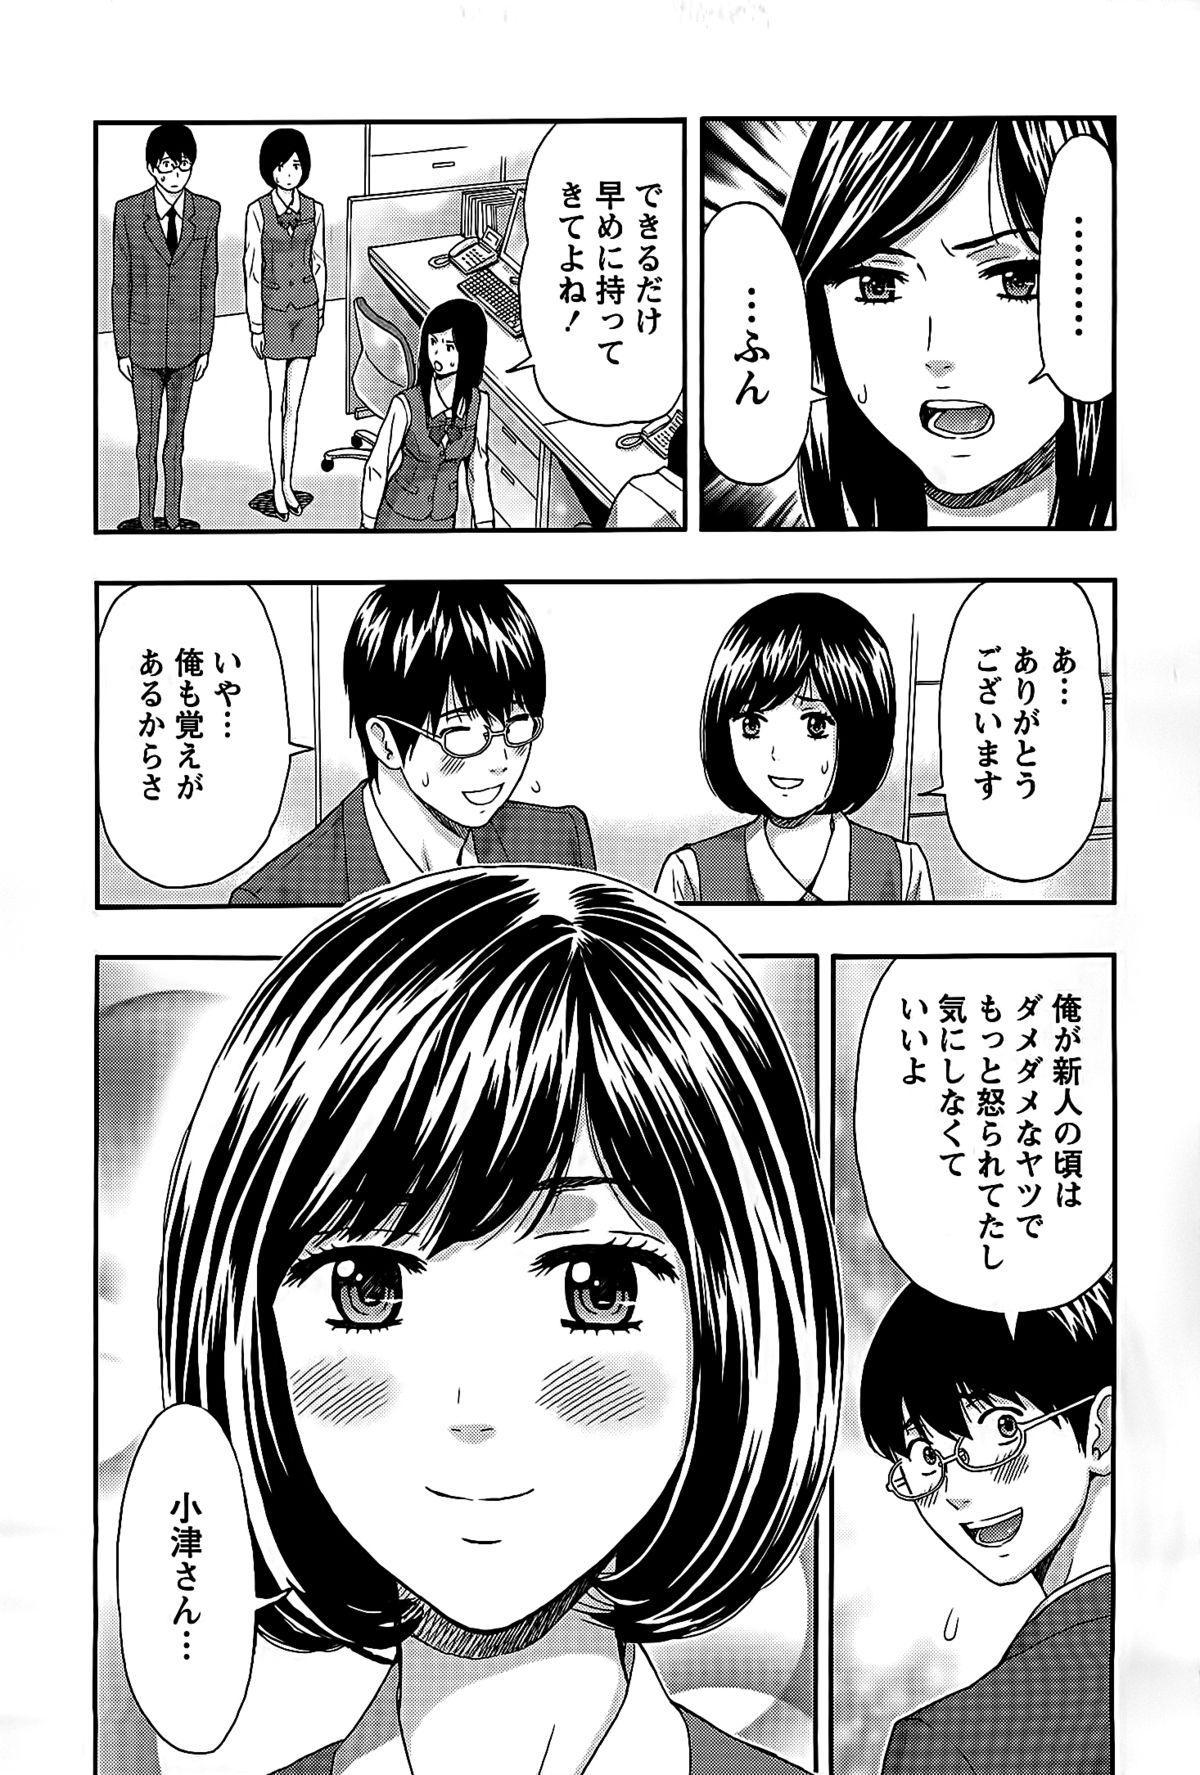 Shittori Lady to Amai Mitsu 88